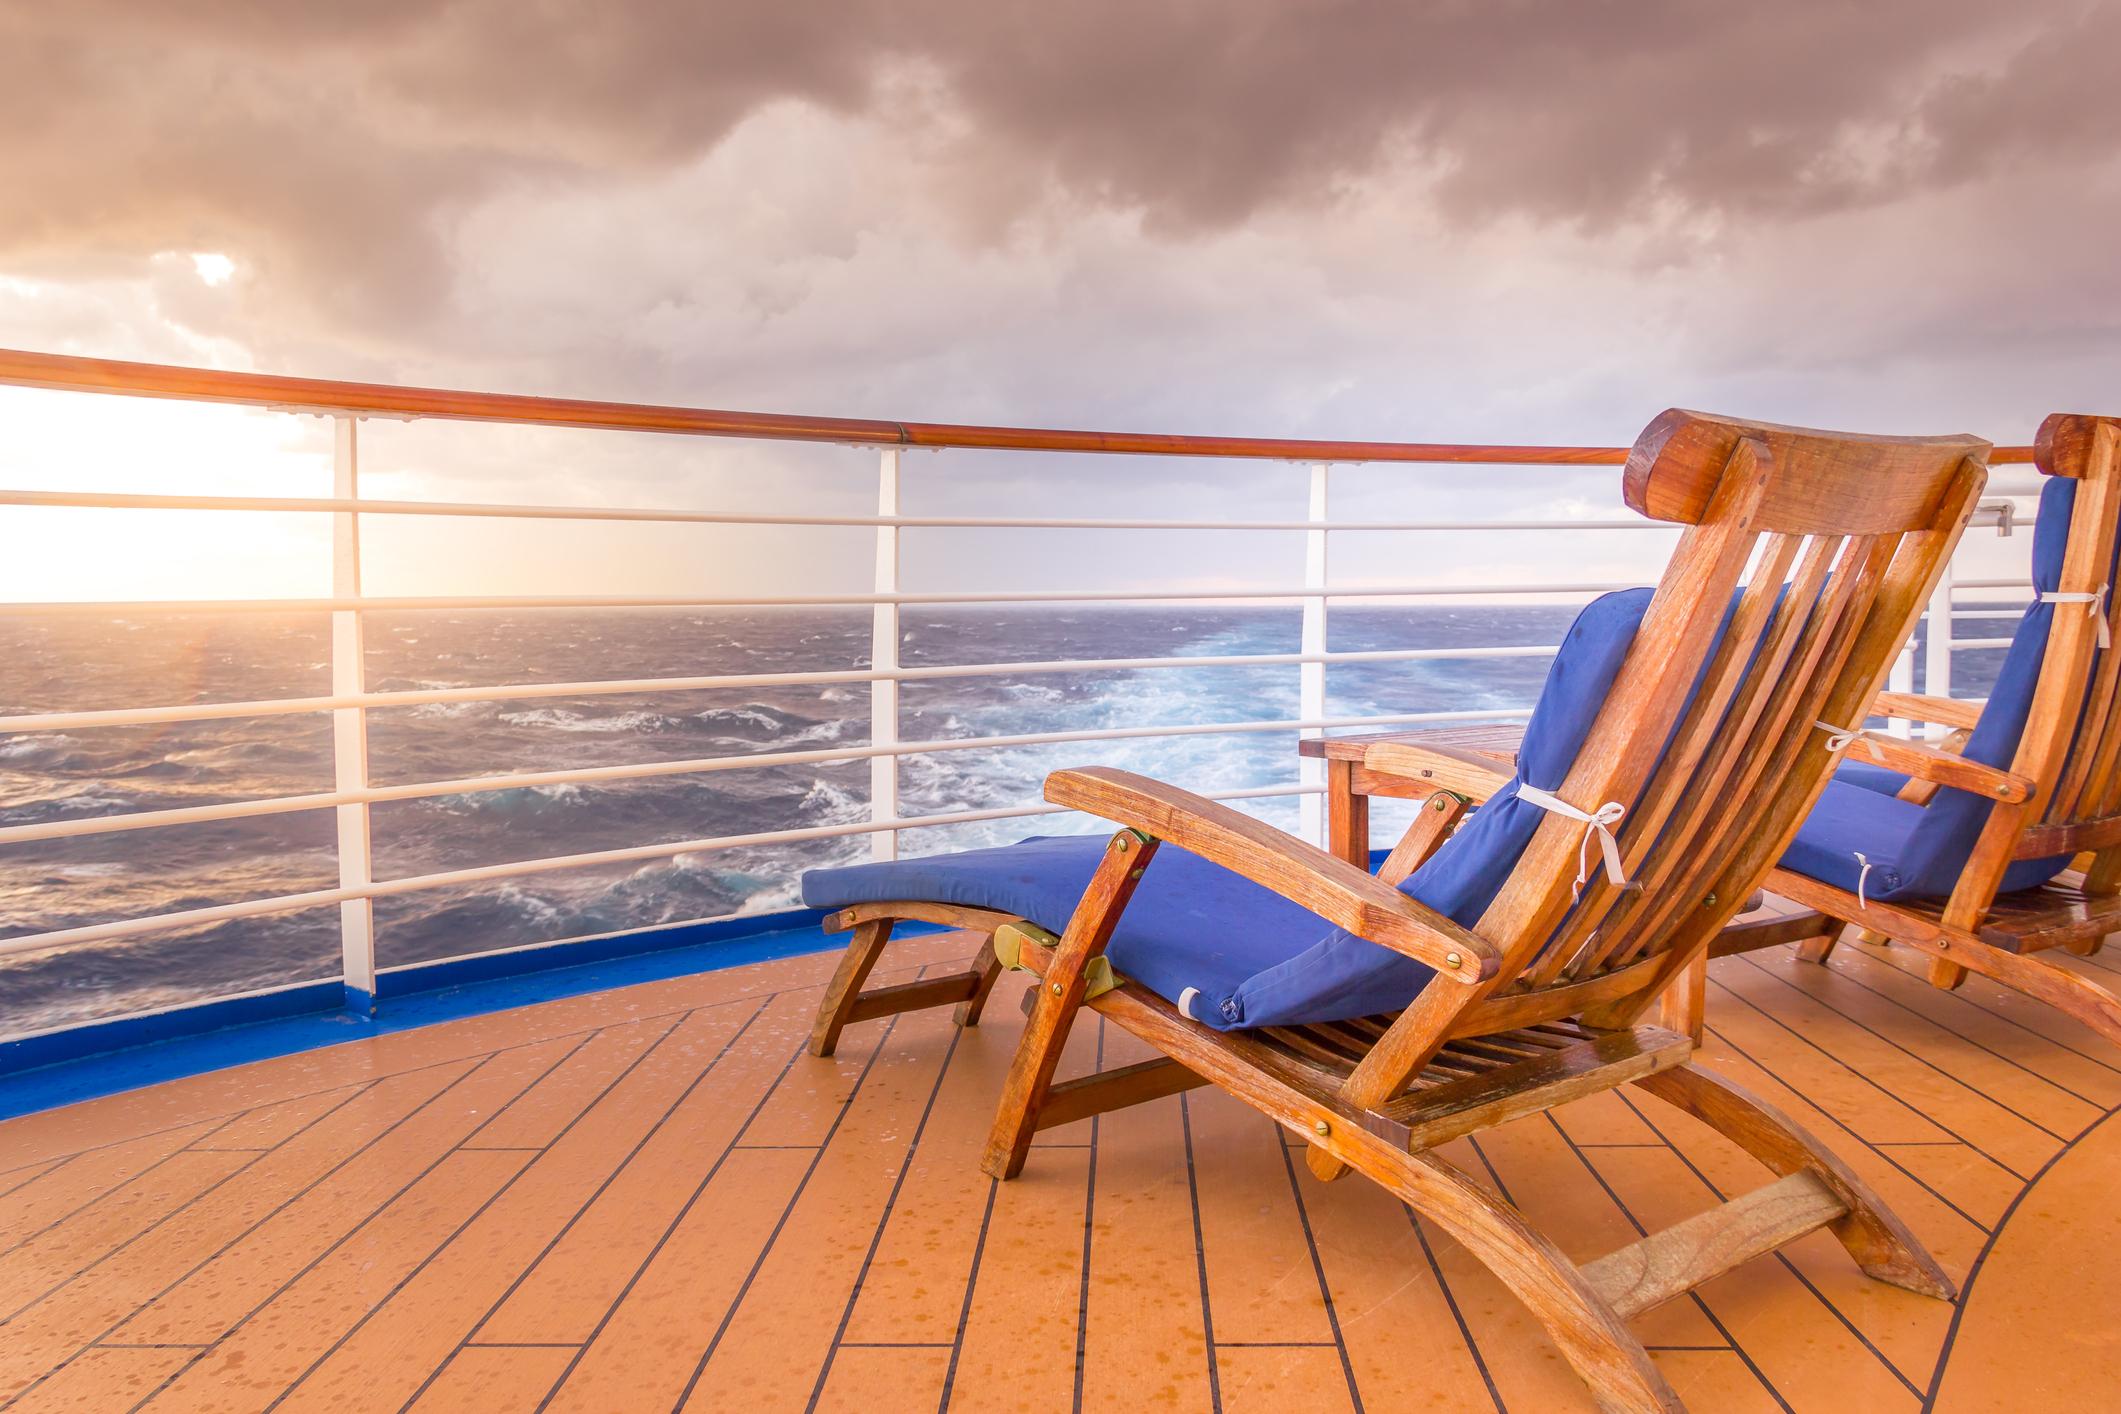 Should I Buy Cruise Line Stocks?